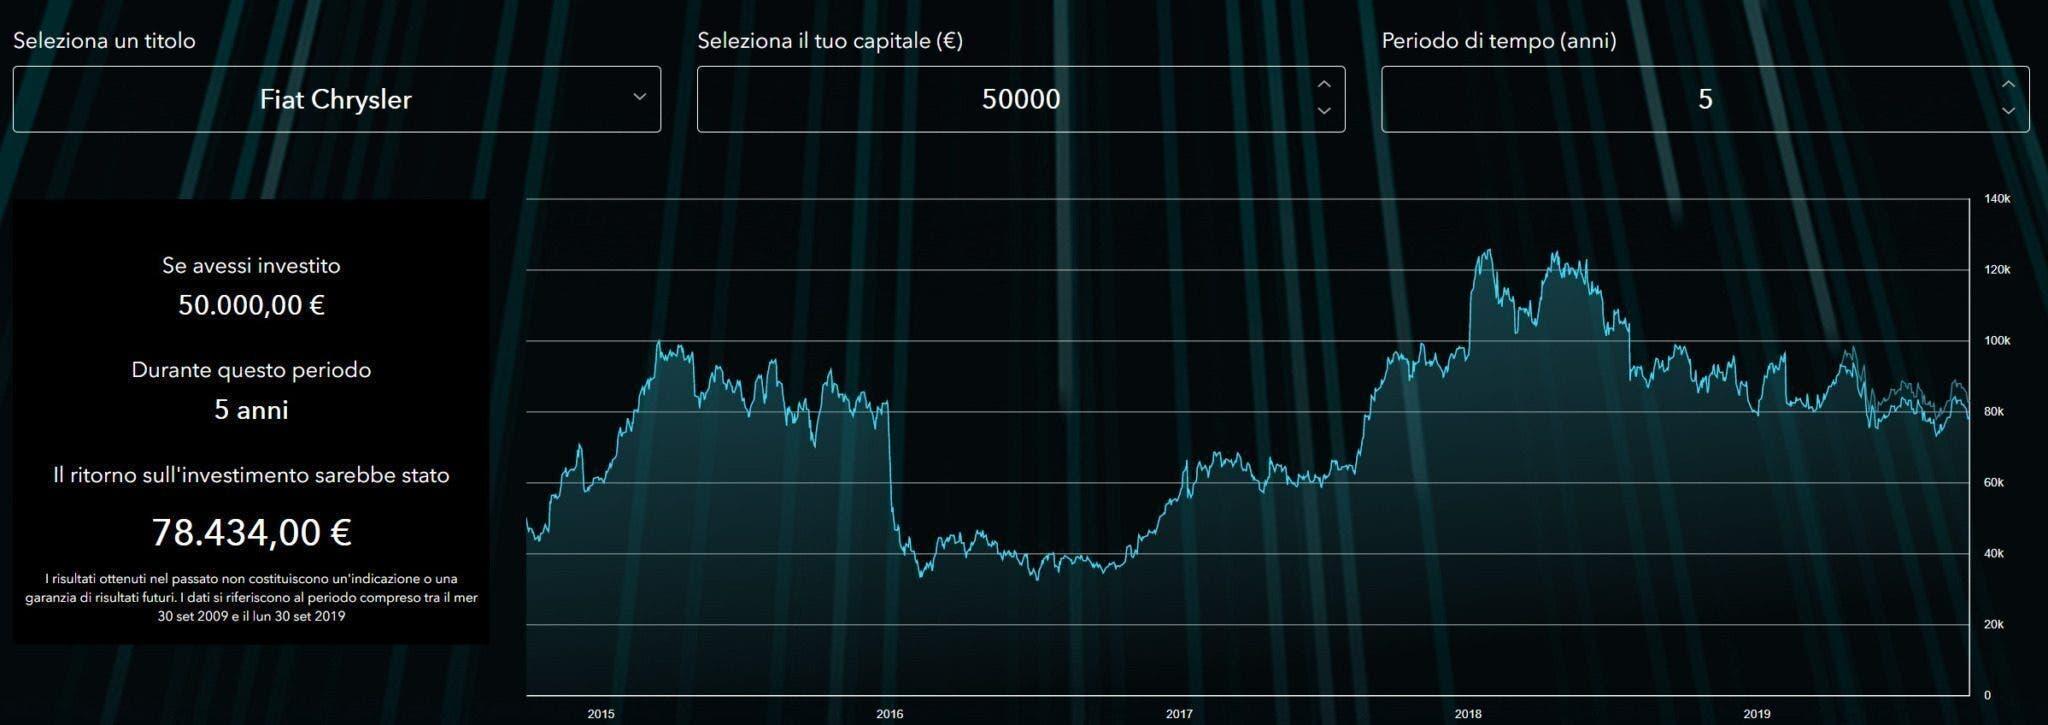 Azioni Fiat Chrysler a 5 anni di investimento guadagno